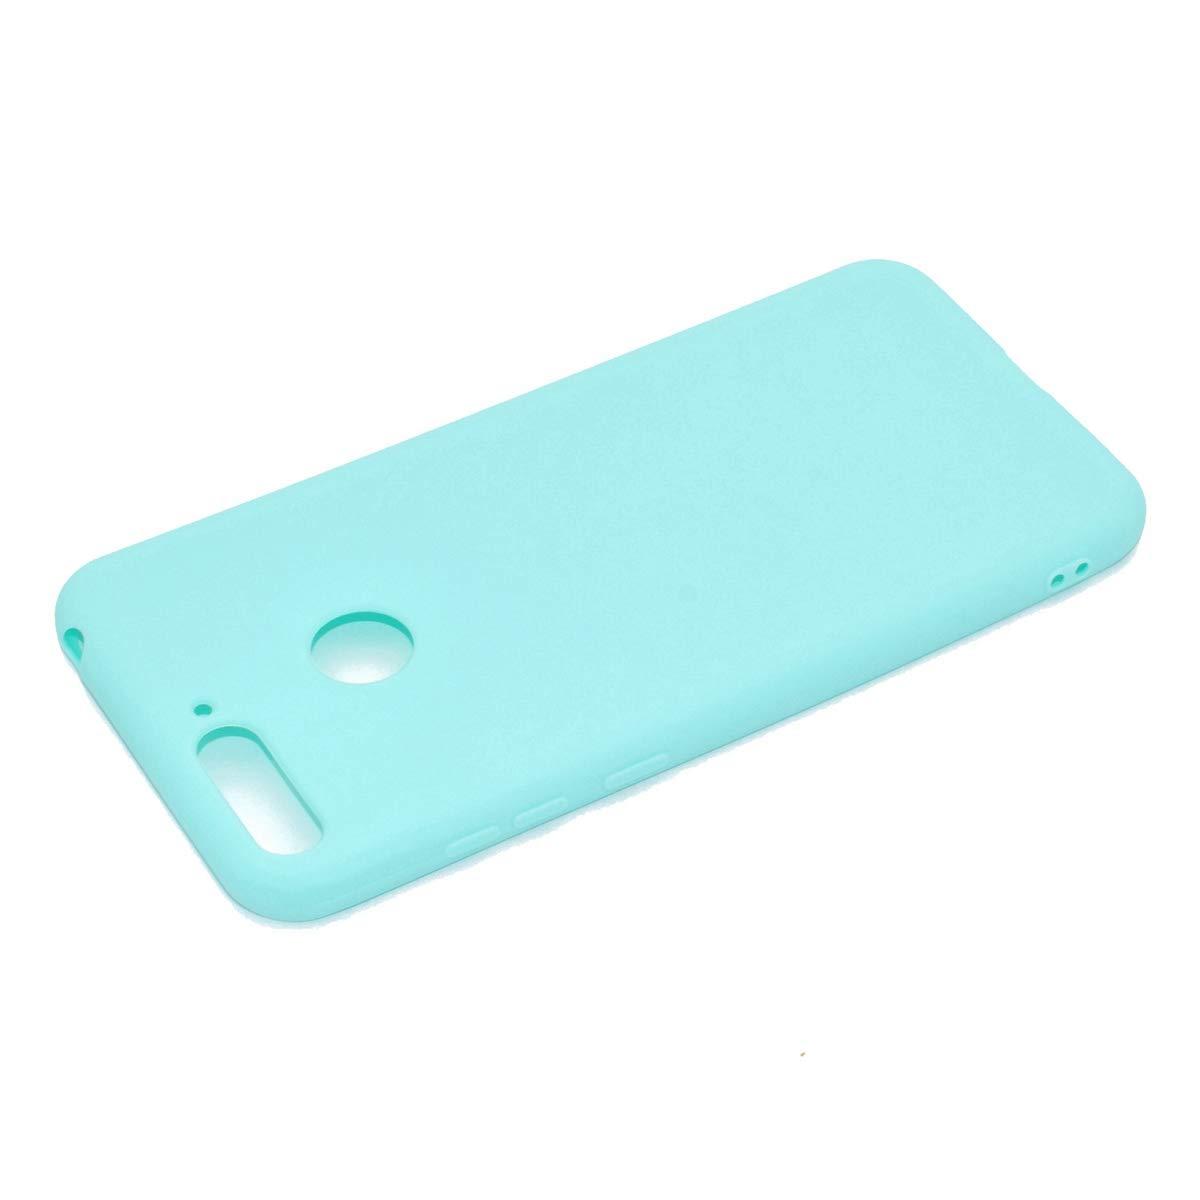 Coque en Silicone pour Huawei Y5 2018 Rose Misstars Ultra Mince Souple TPU Gel Mat Bumper Doux L/éger Anti Rayure Antichoc Housse /Étui de Protection pour Huawei Y5 2018 // Honor 7S Bleu Jaune